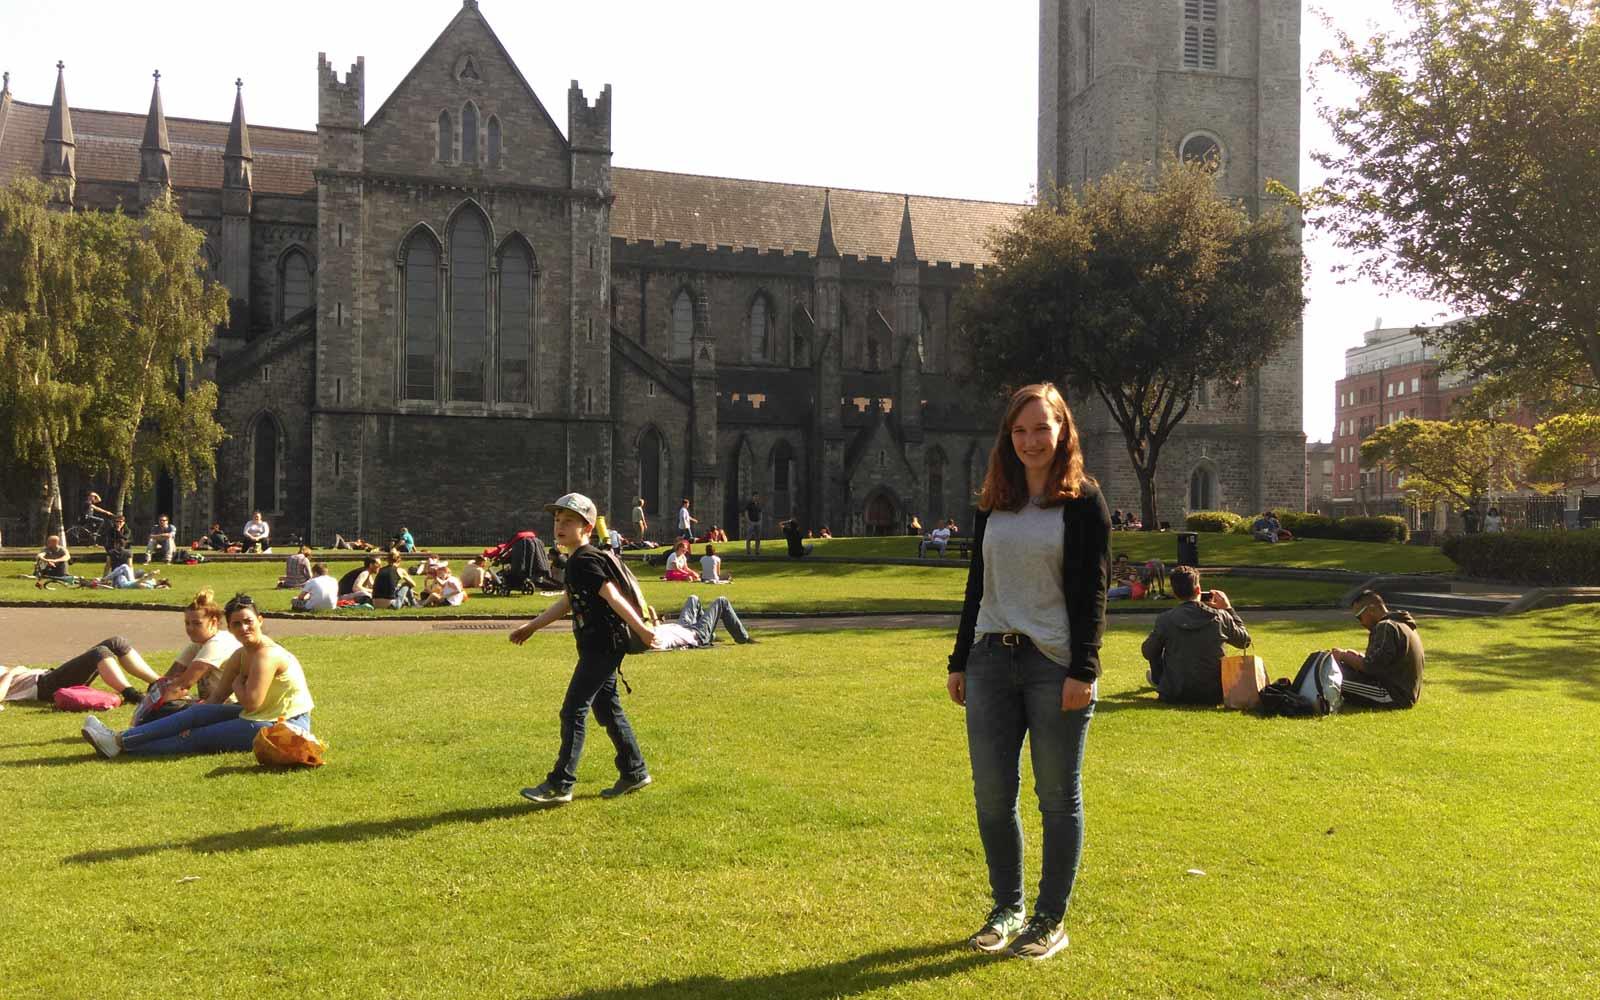 Maren vor der St. Patrick's Cathedral in Dublin